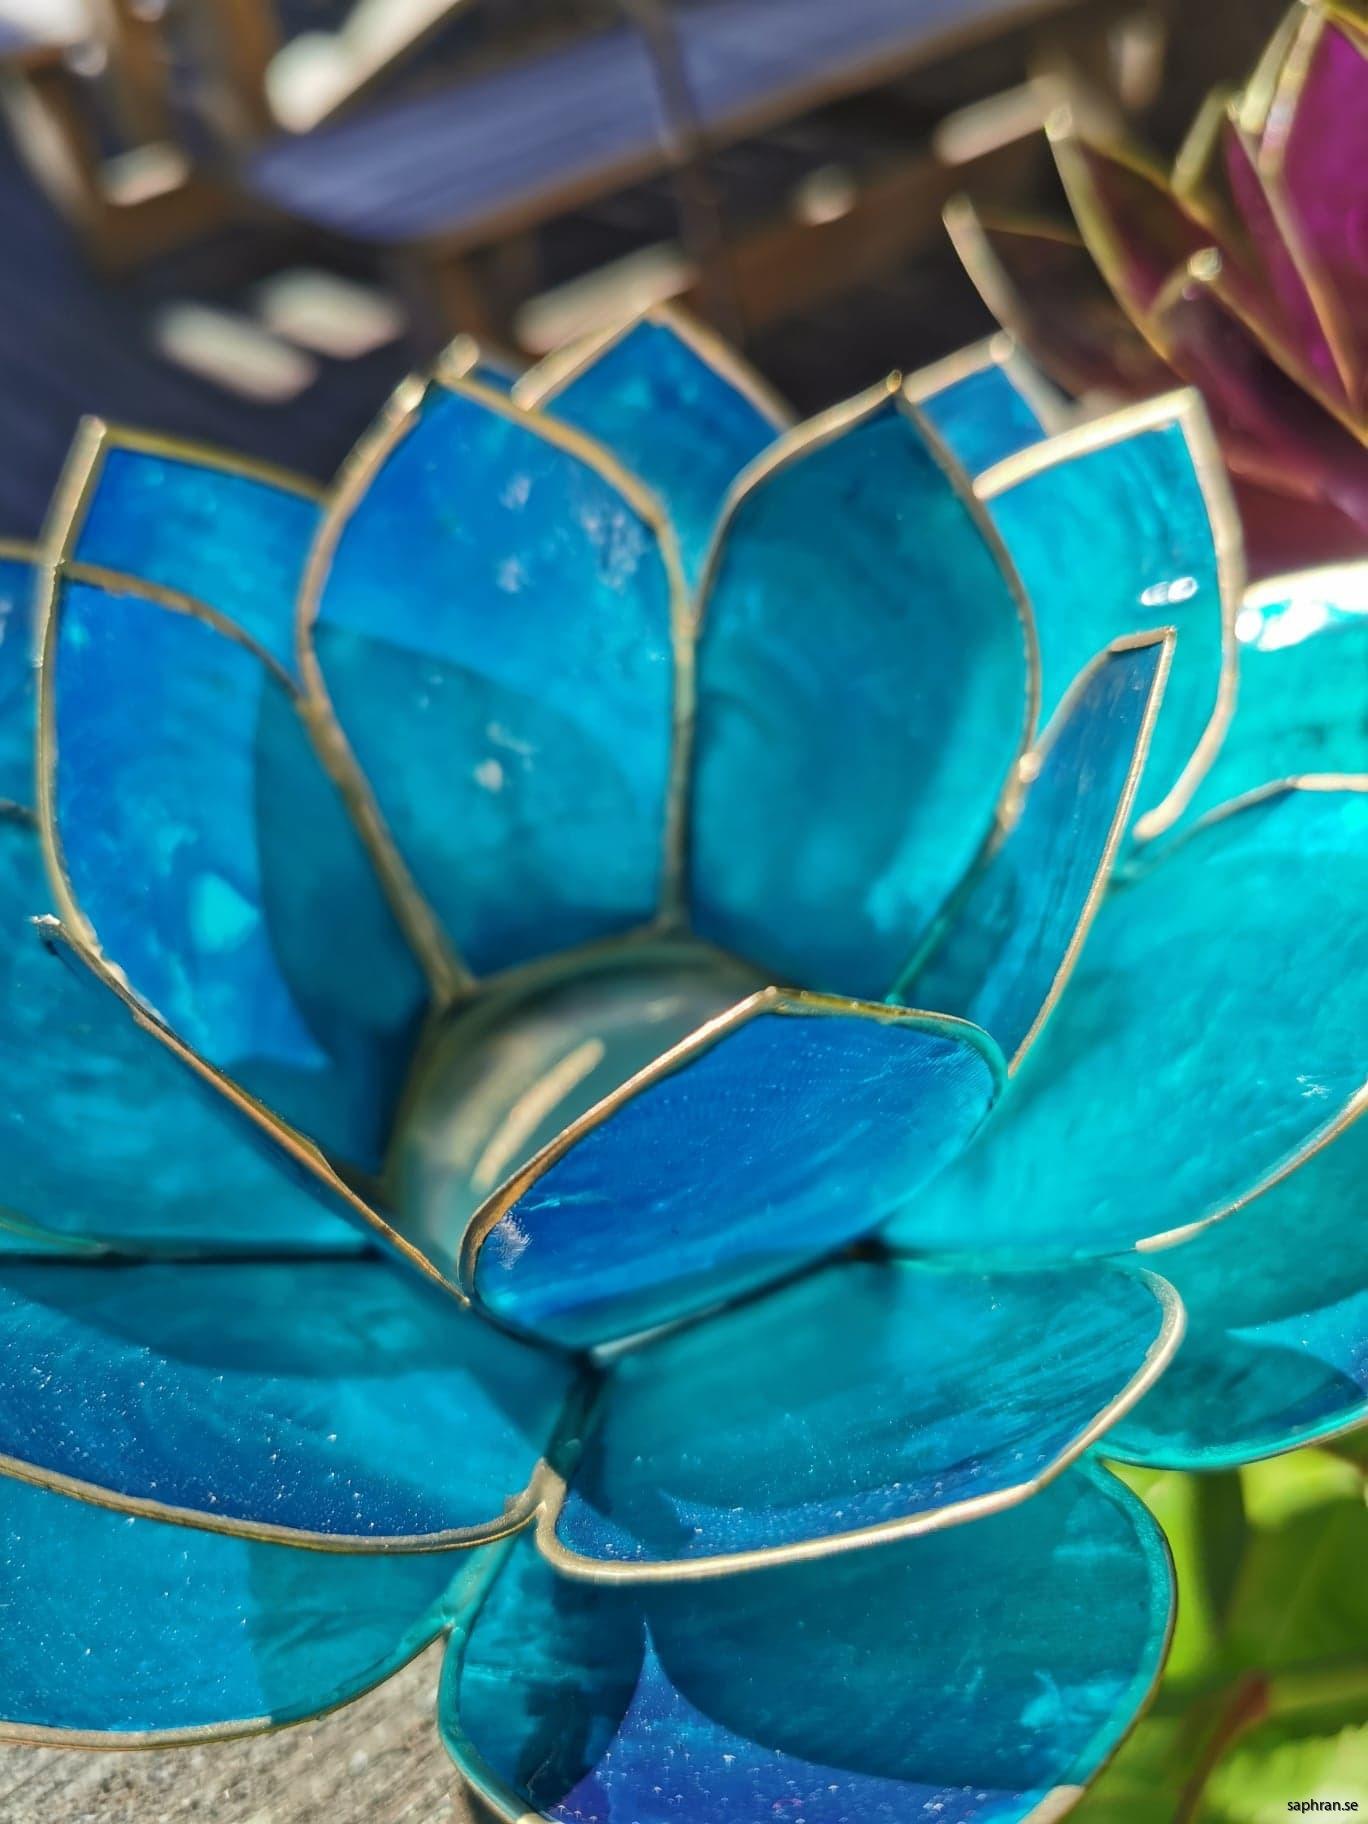 Lotuslykta chakra indigo